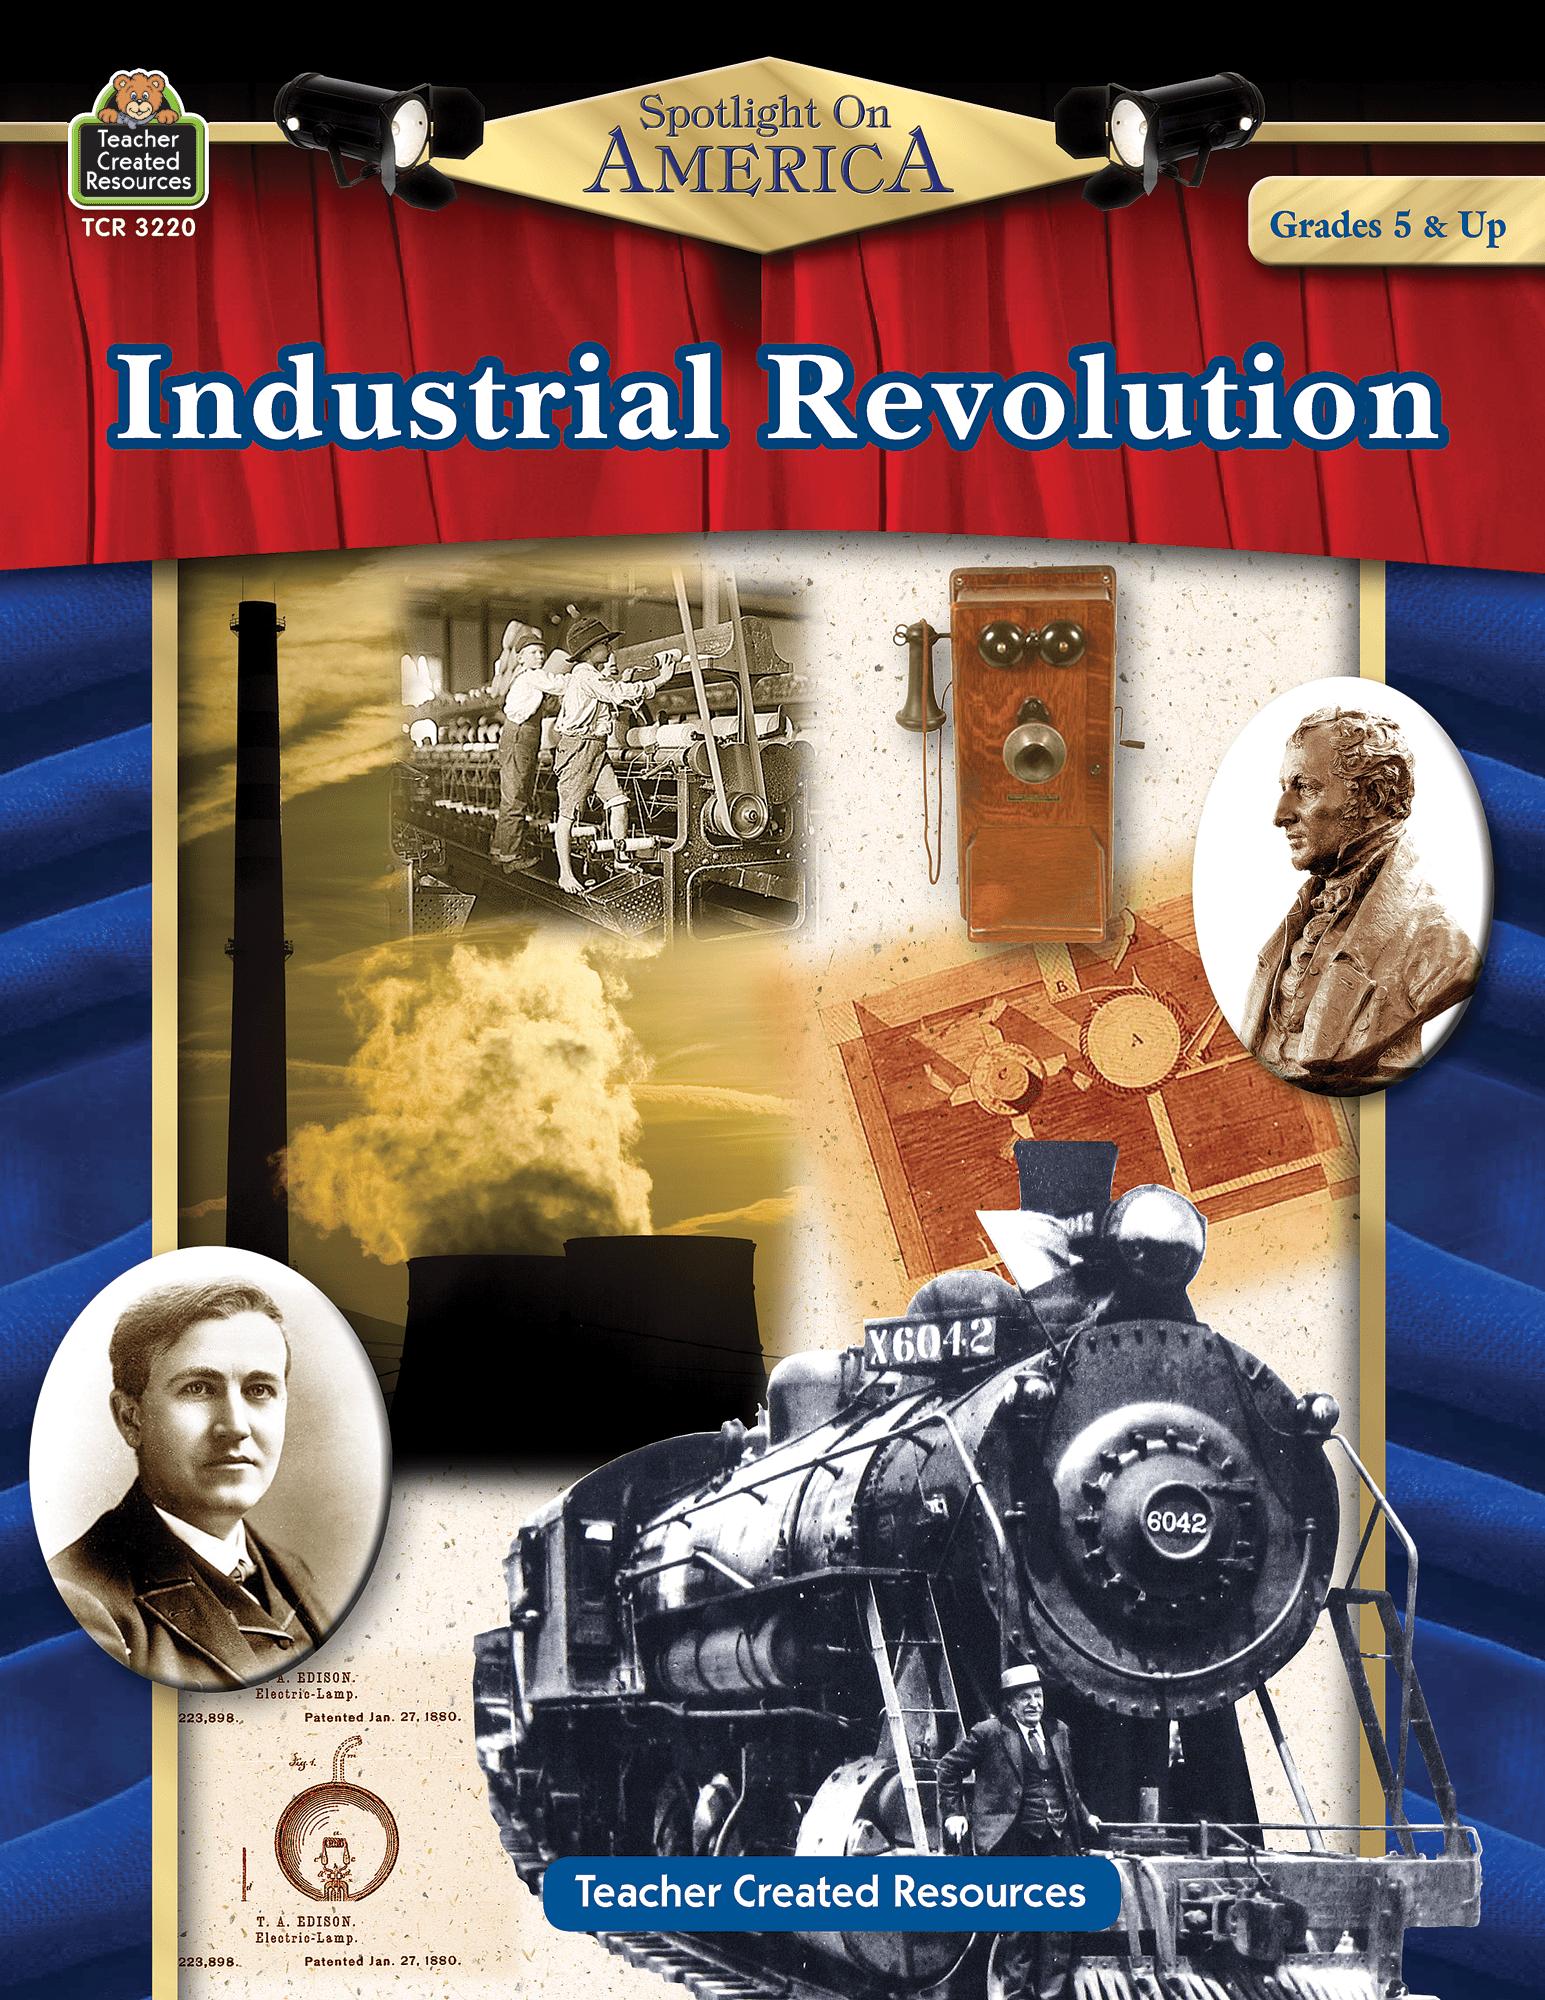 Spotlight On America Industrial Revolution